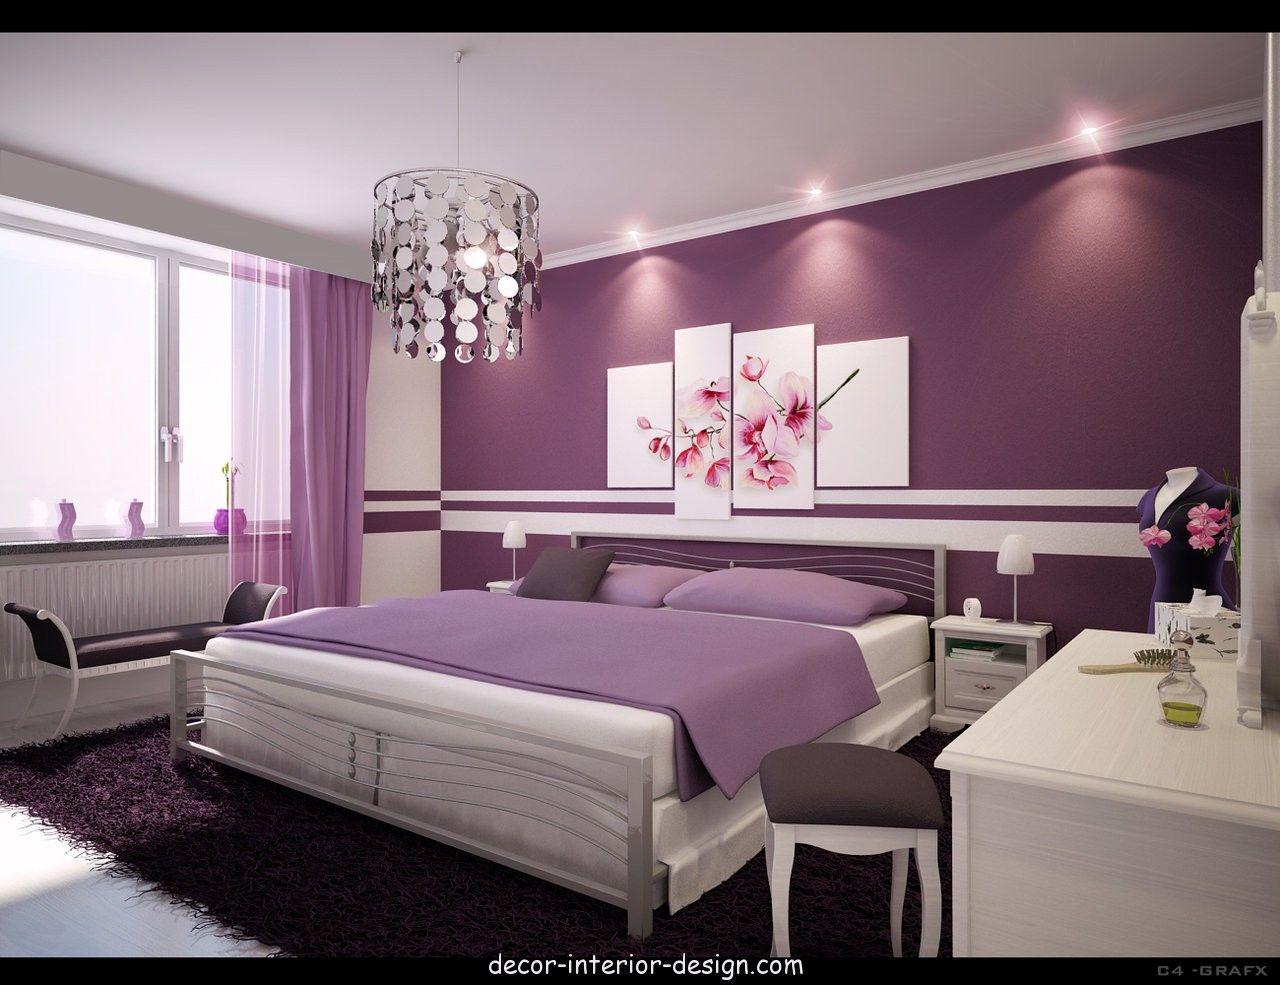 Bedroom interior design - Home decor and interior design